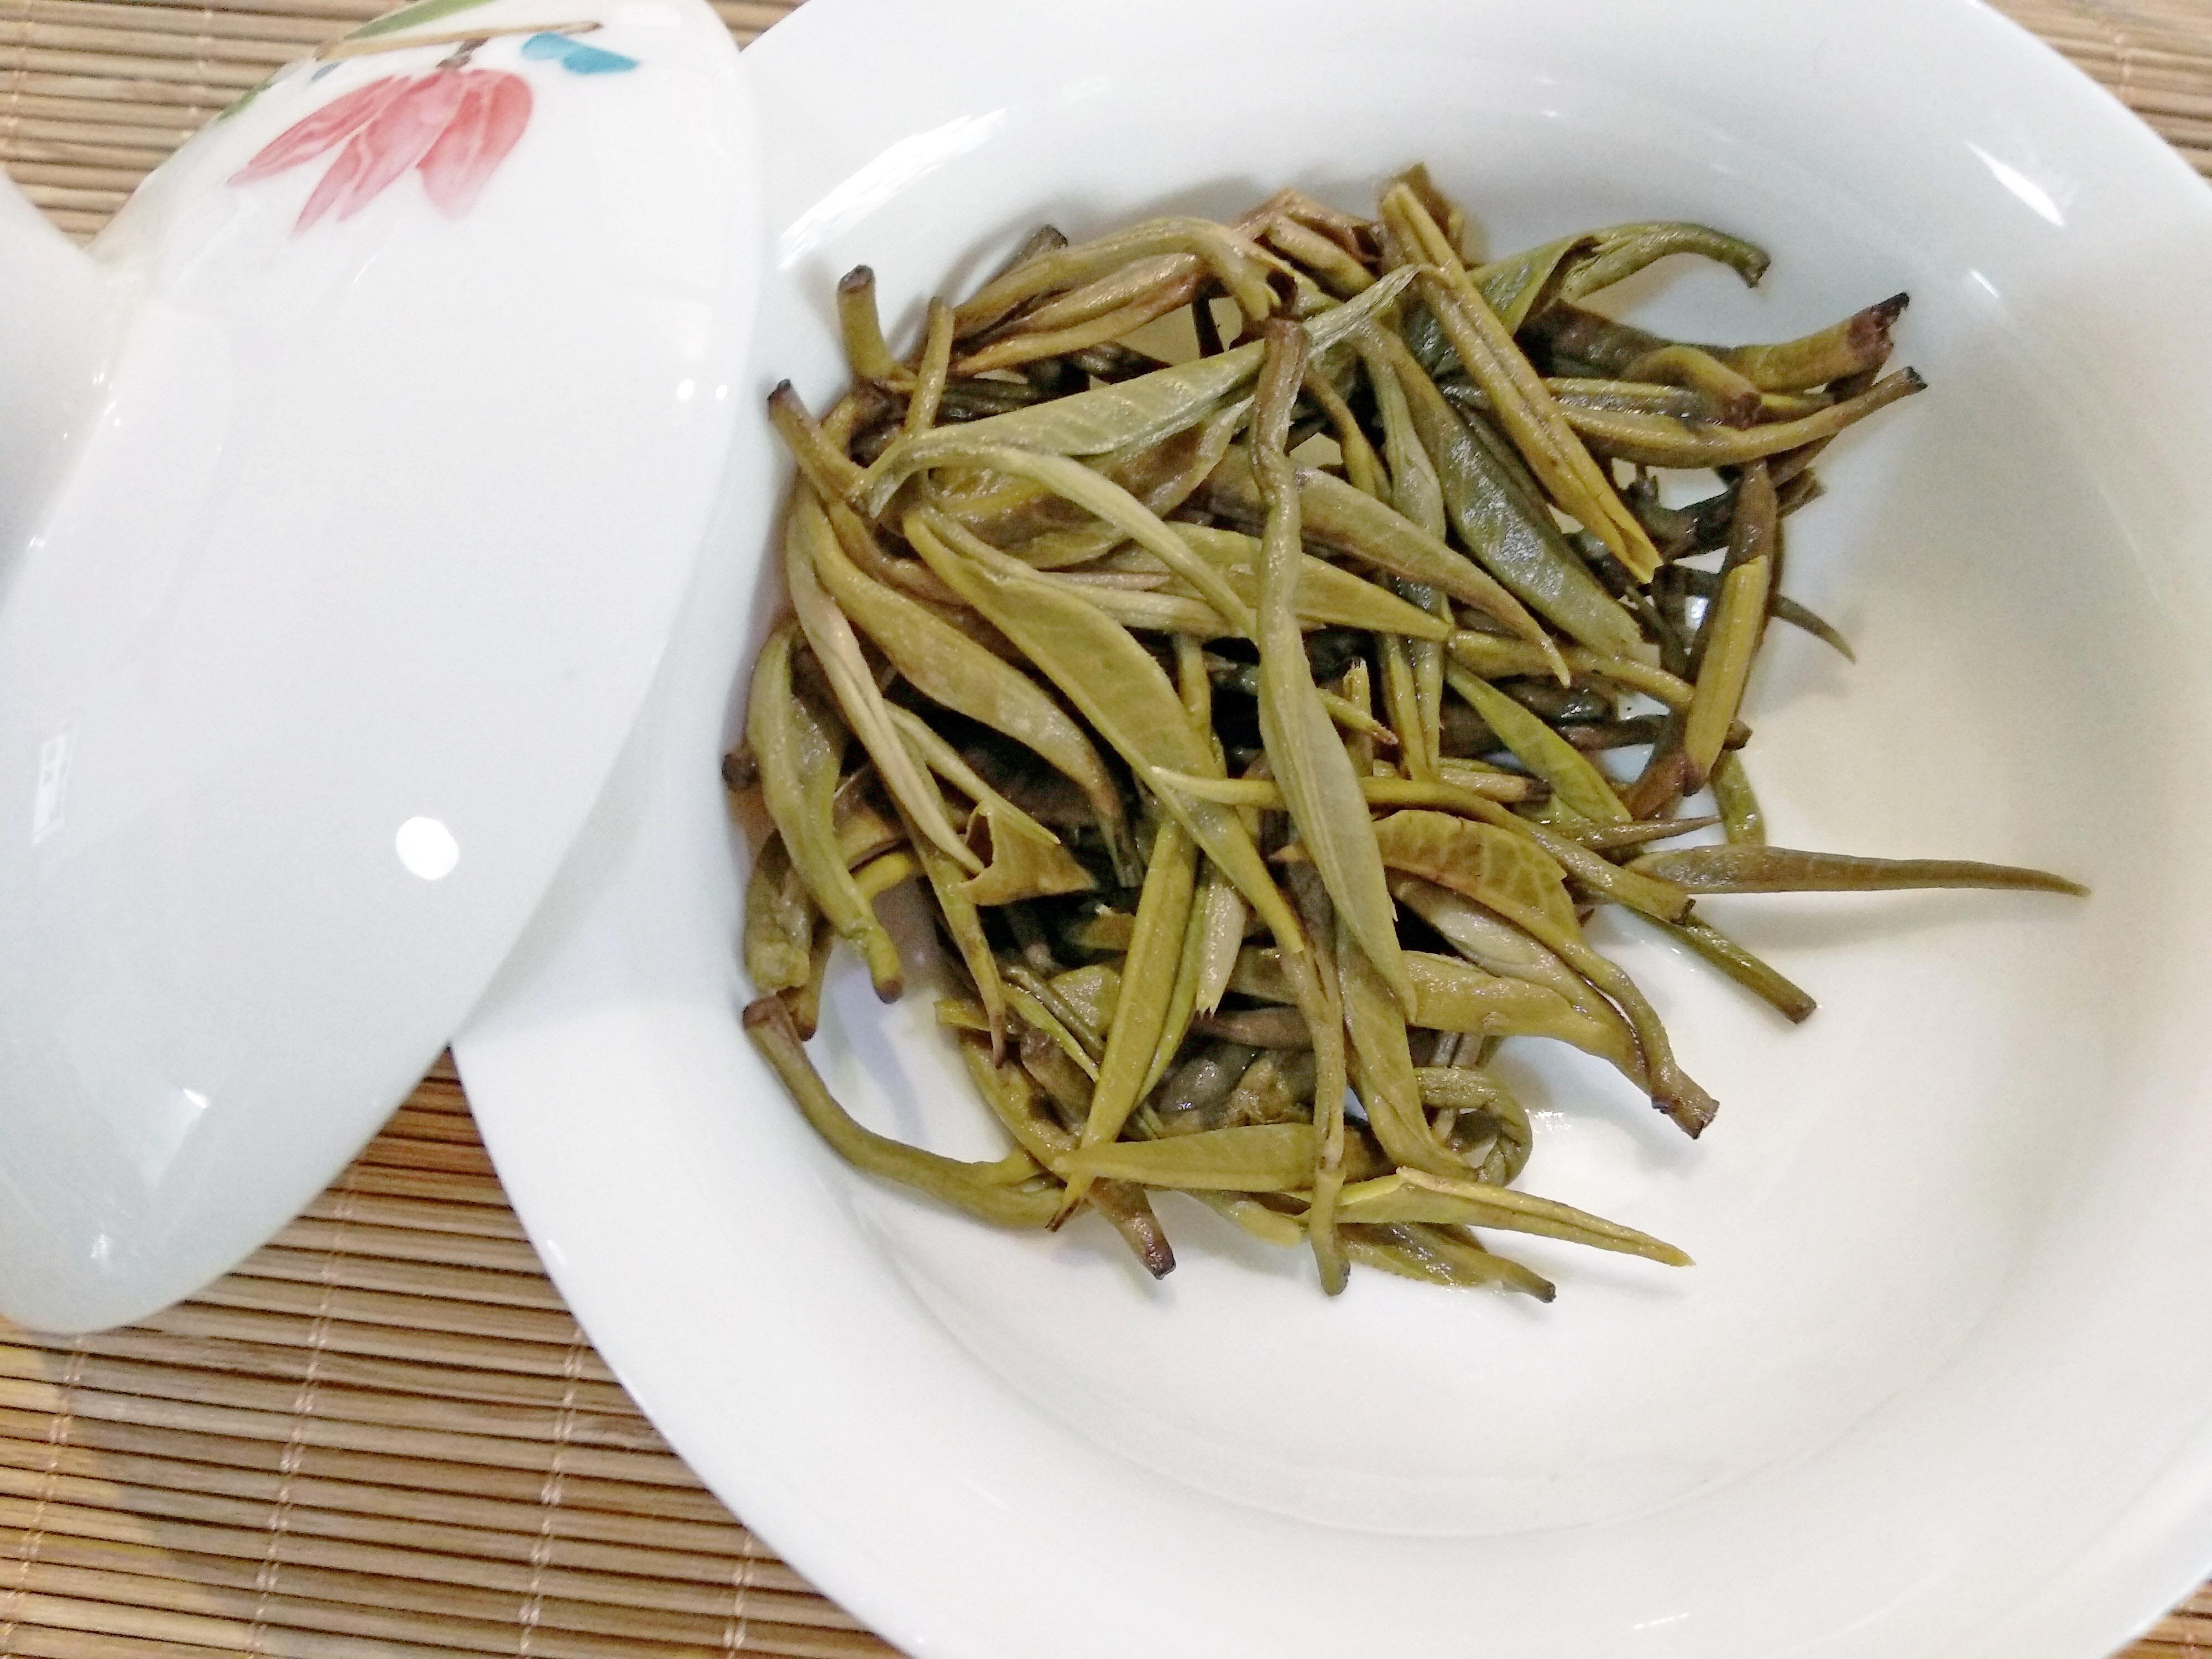 500g 白玉螺白茶叶全芽龙珠浓香型香螺新茶散装 2018 茉莉花茶